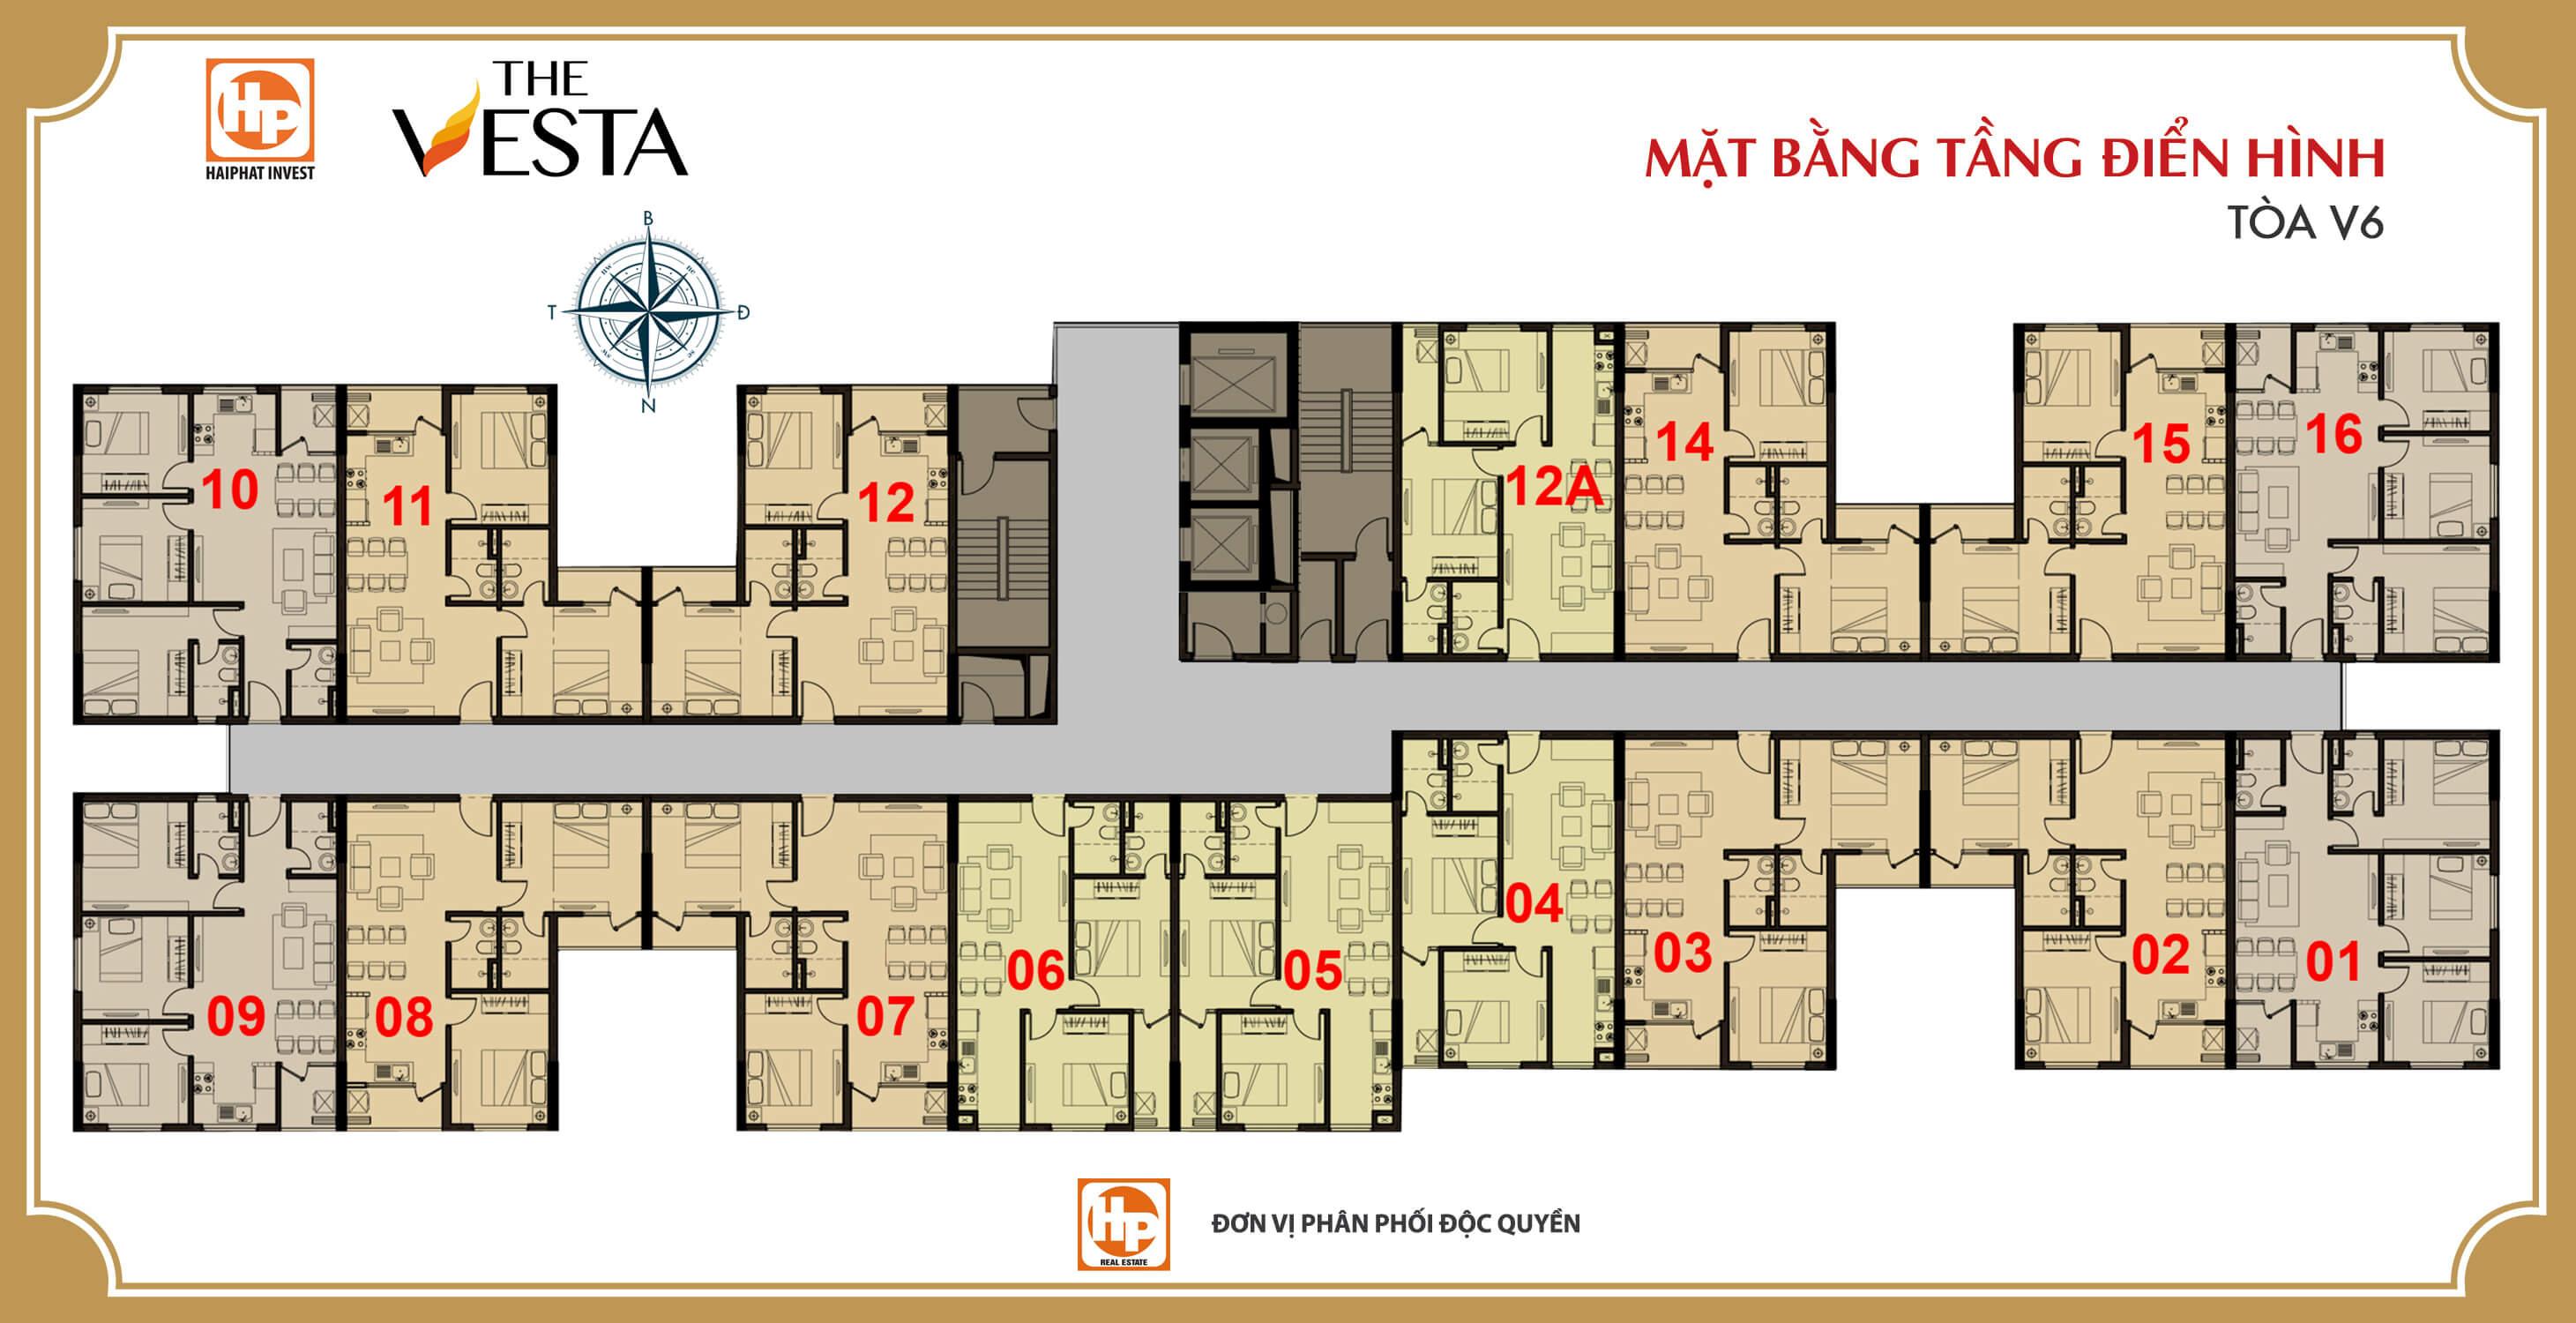 mat bang dien hinh toa v6 the vesta 40